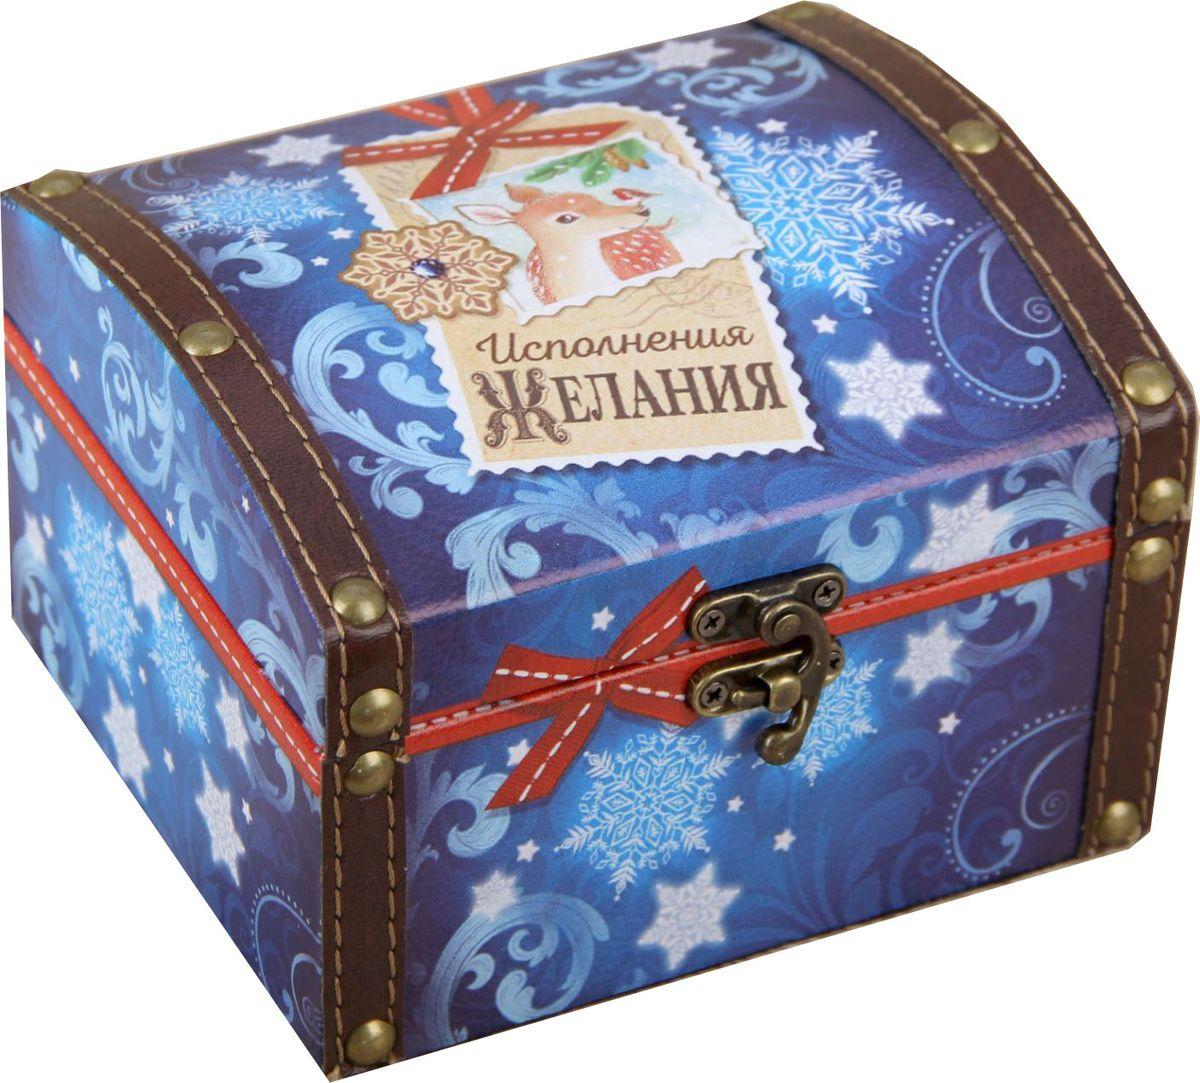 Шкатулка Sima-land Исполнения желаний, цвет: синий, 15 х 10 х 13 см1965030Шкатулка — это небольшой сувенир, а также оригинальная упаковка подарка. Она дополнит интерьер спальни, гостиной или прихожей. Шкатулка выполнена из дерева в виде сундучка. Изделие предназначено для хранения украшений: колец, браслетов, часов, цепочек, колье, сережек и прочих предметов.